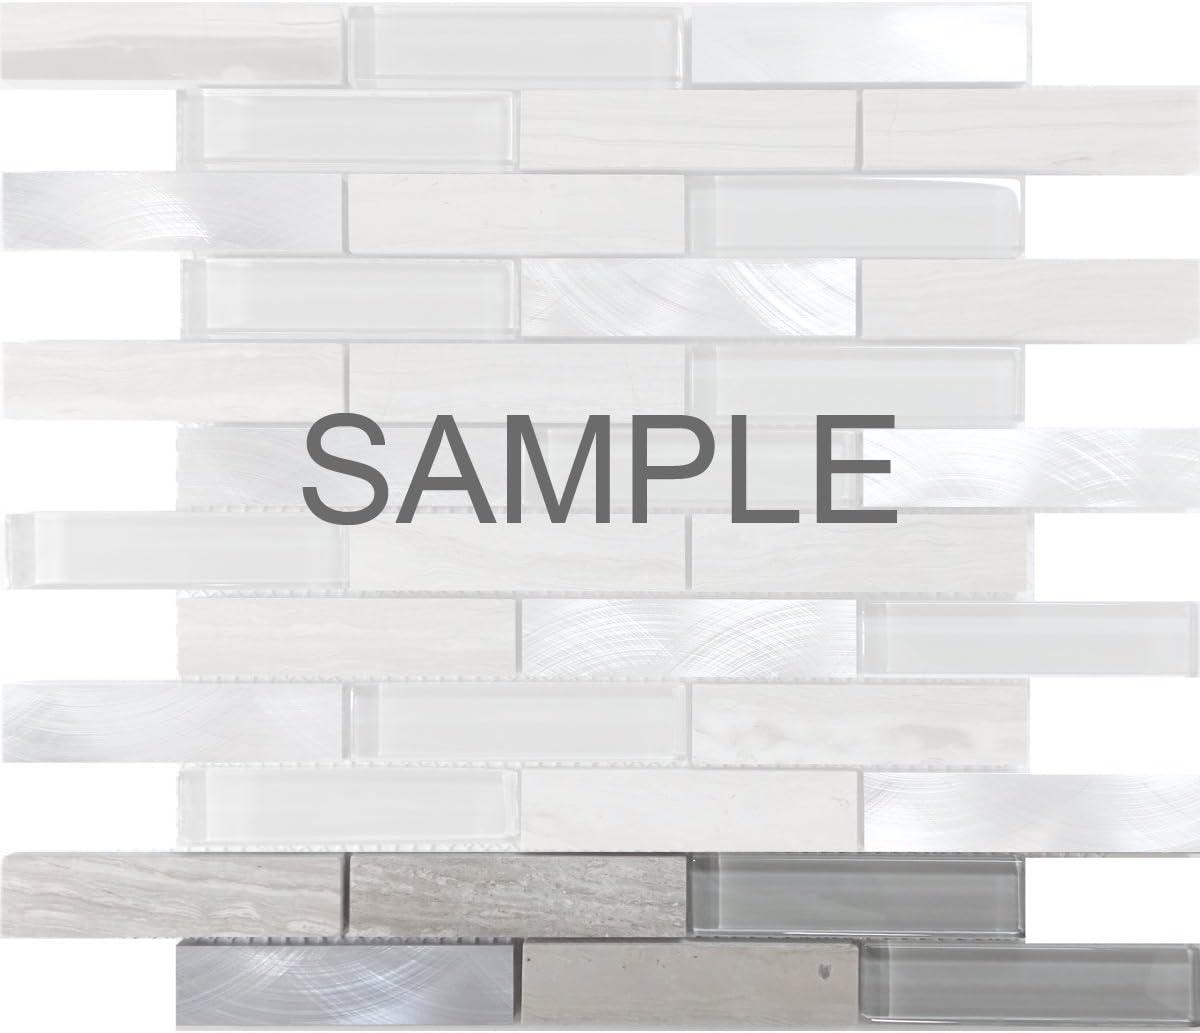 - Modket TDH217MO-S SAMPLE - White Oak Gray Marble Stone Blended